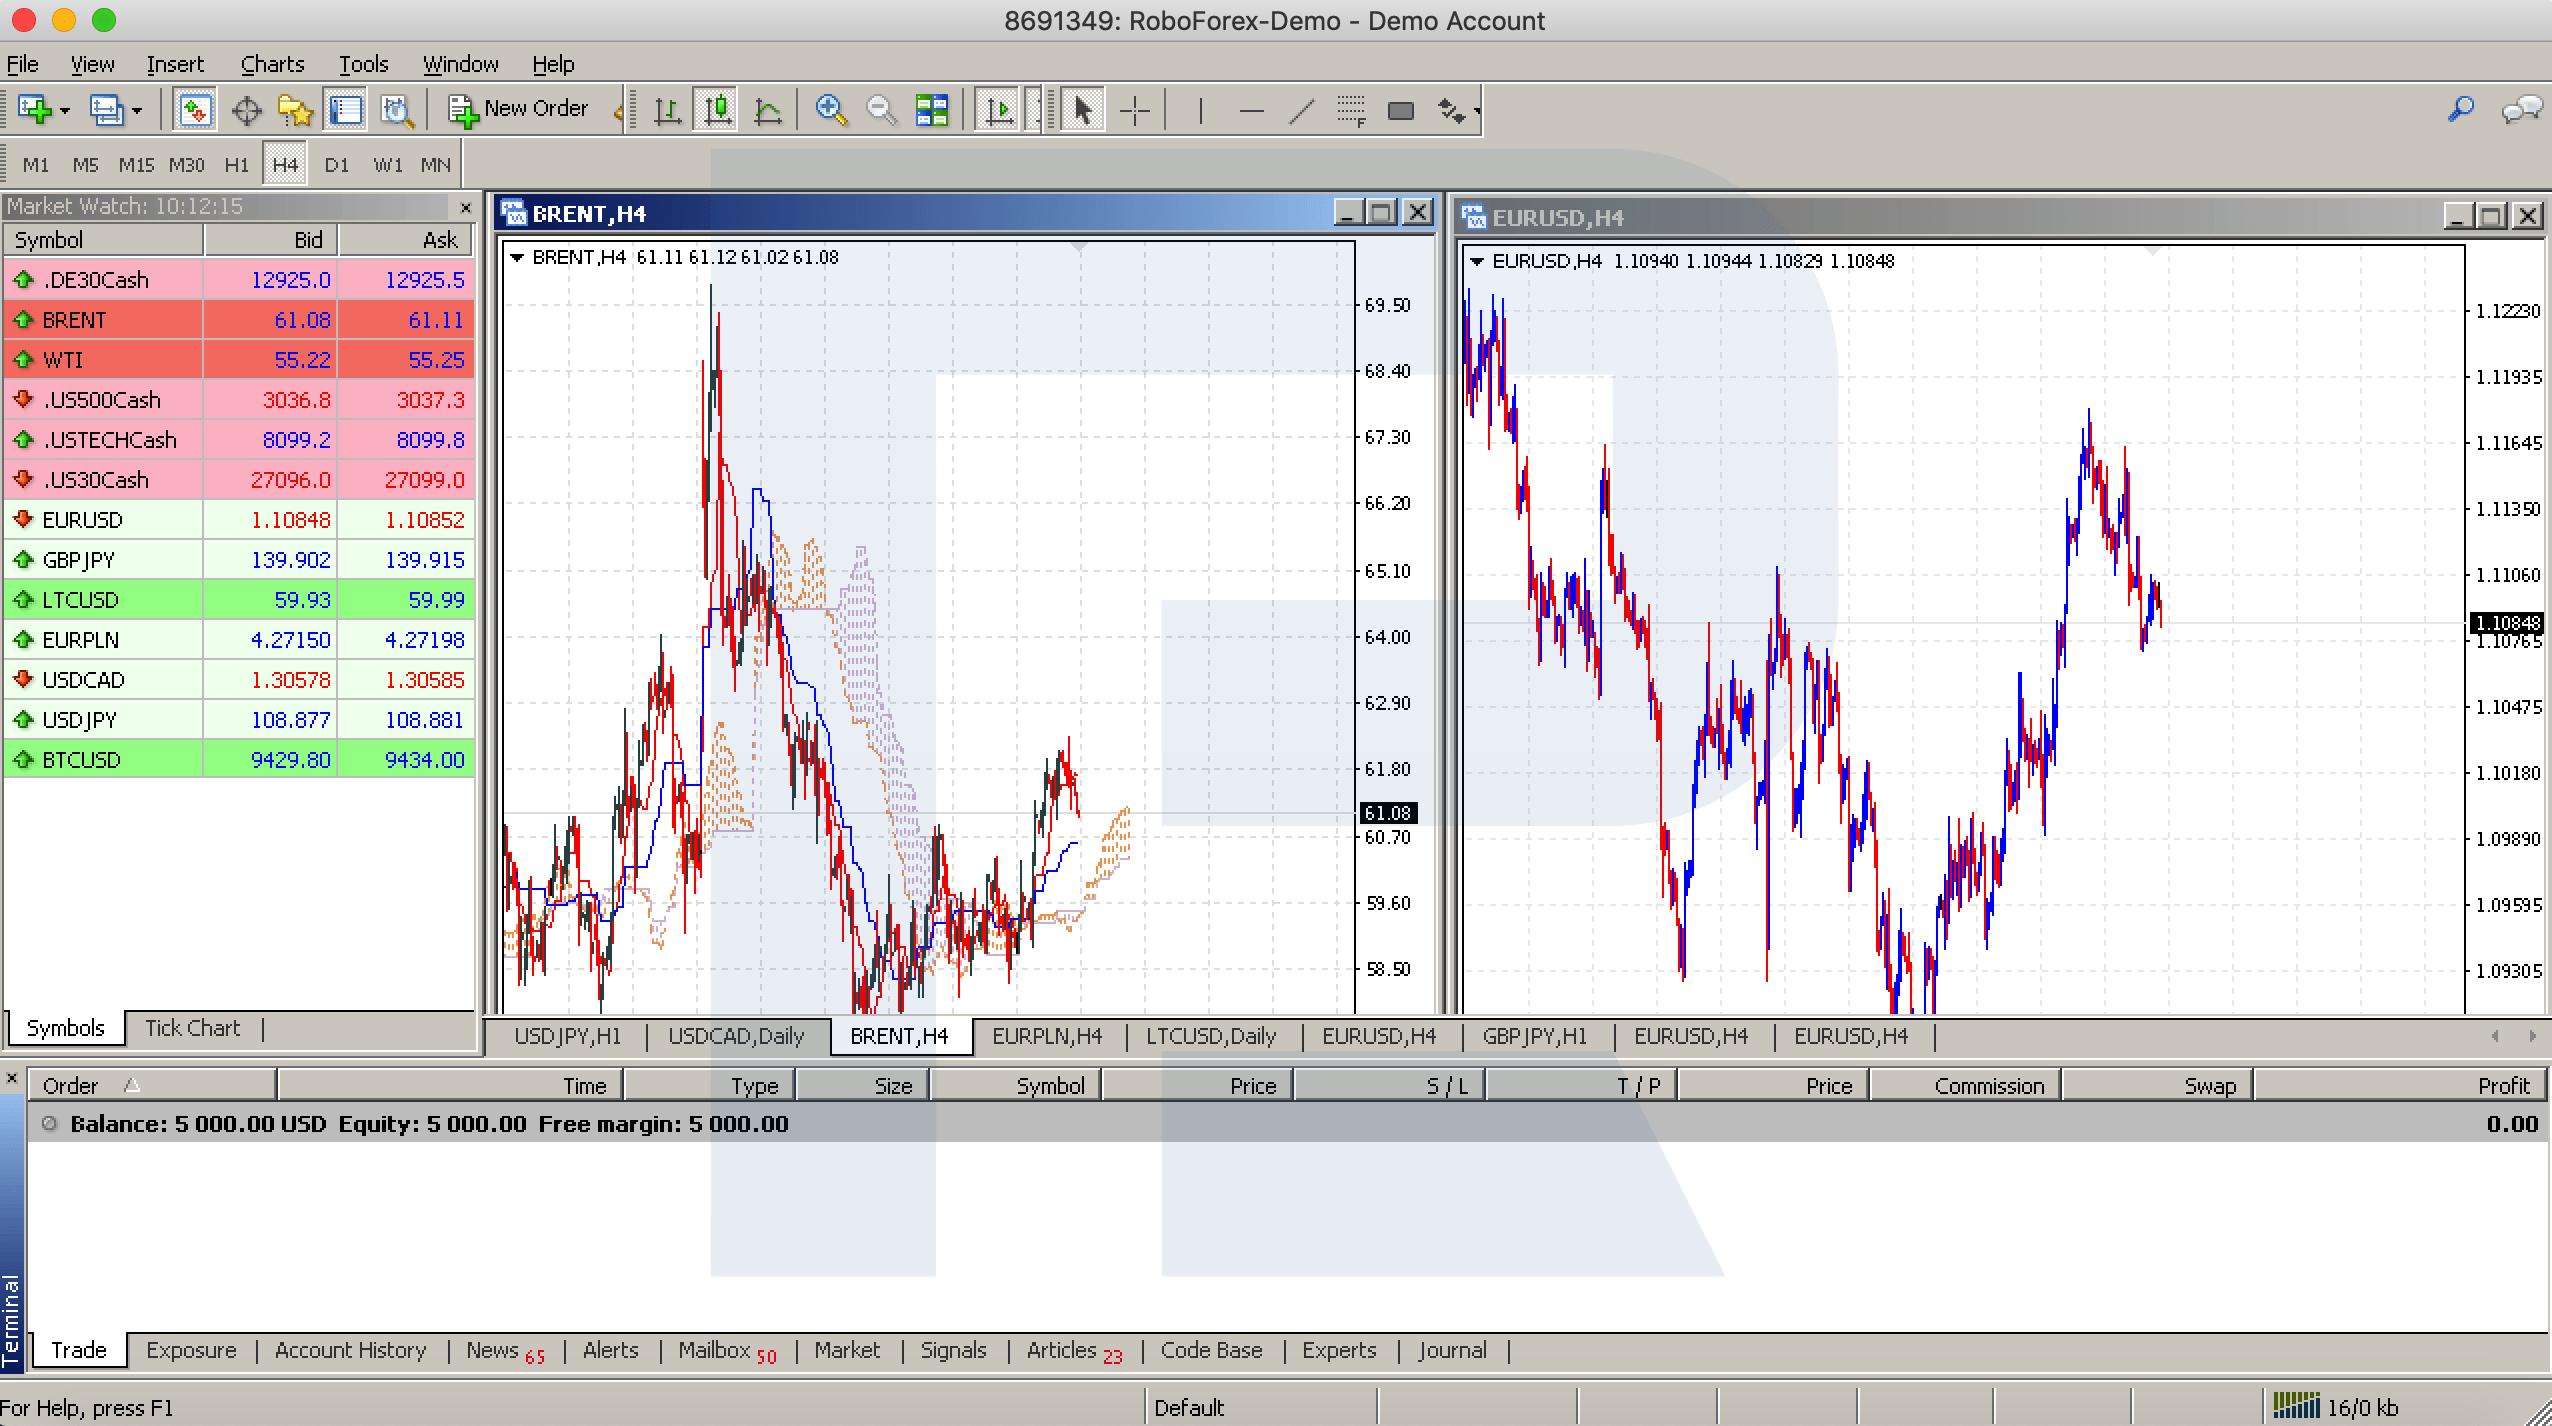 Xtrade demonstrācijas konts - pārbaudiet tirdzniecību bez riska - Karstas tēmas